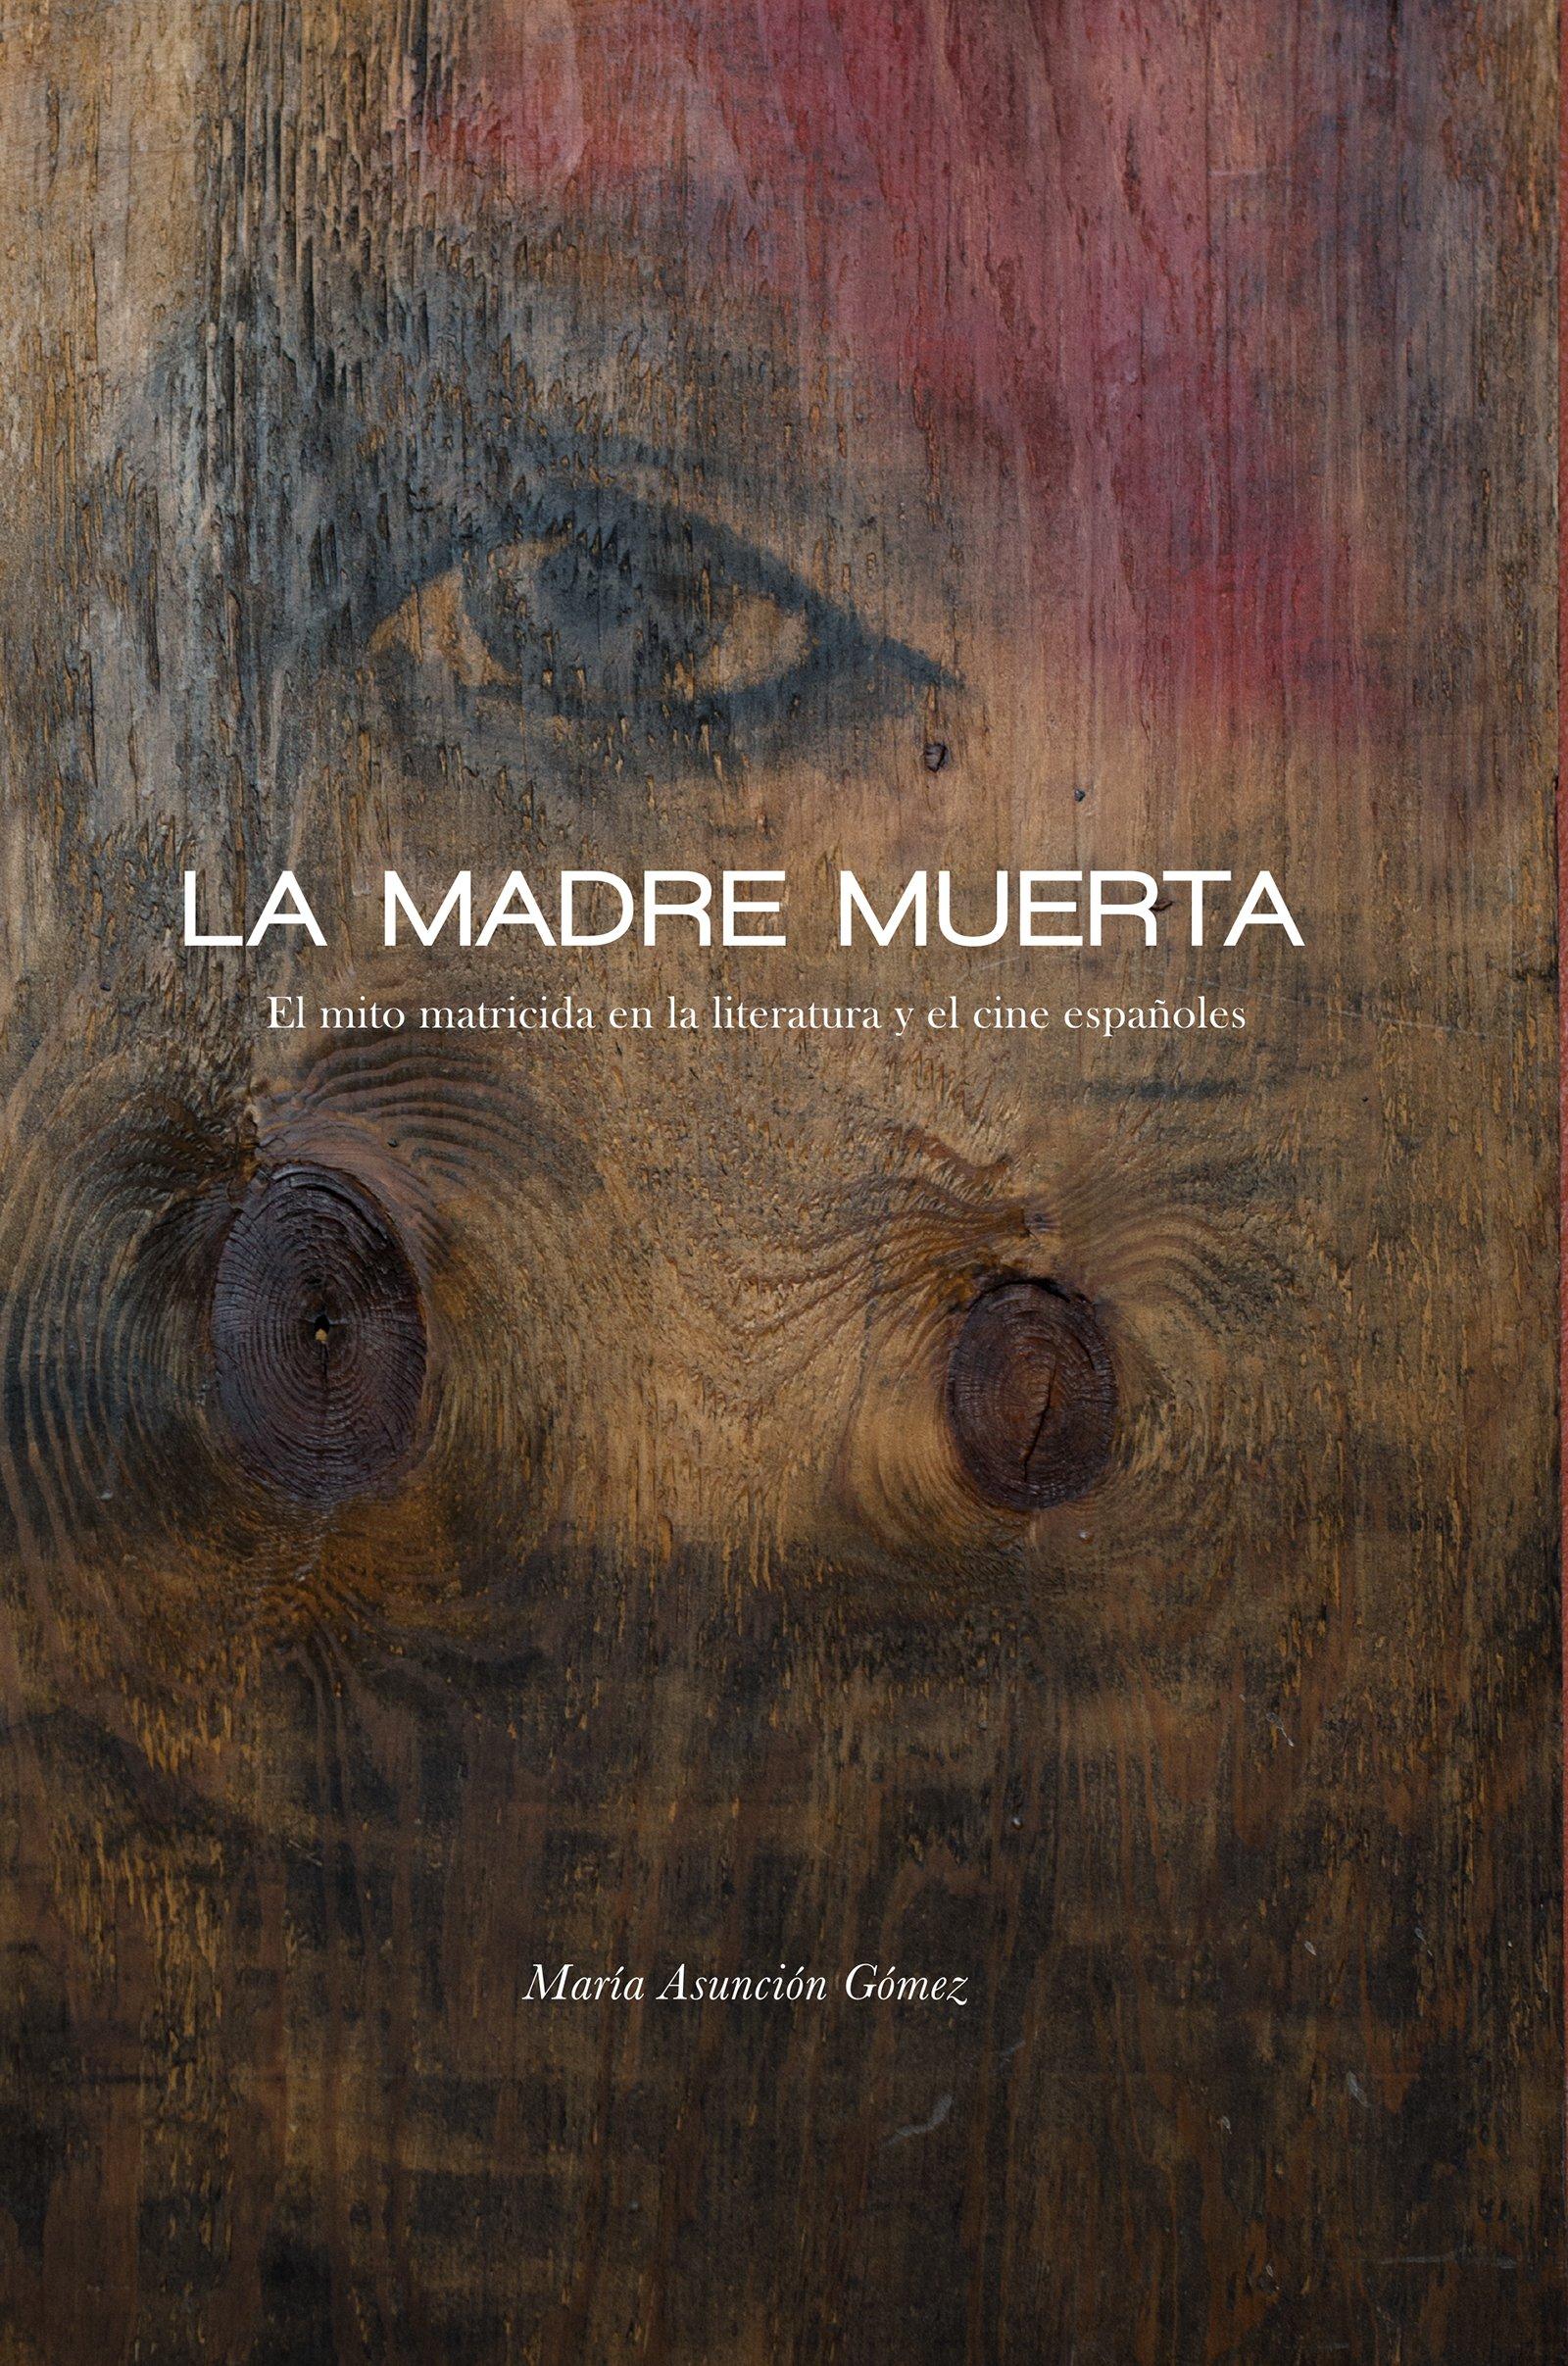 Download La madre muerta: El mito matricida en la literatura y el cine españoles (North Carolina Studies in the Romance Languages and Literatures) (Spanish Edition) pdf epub